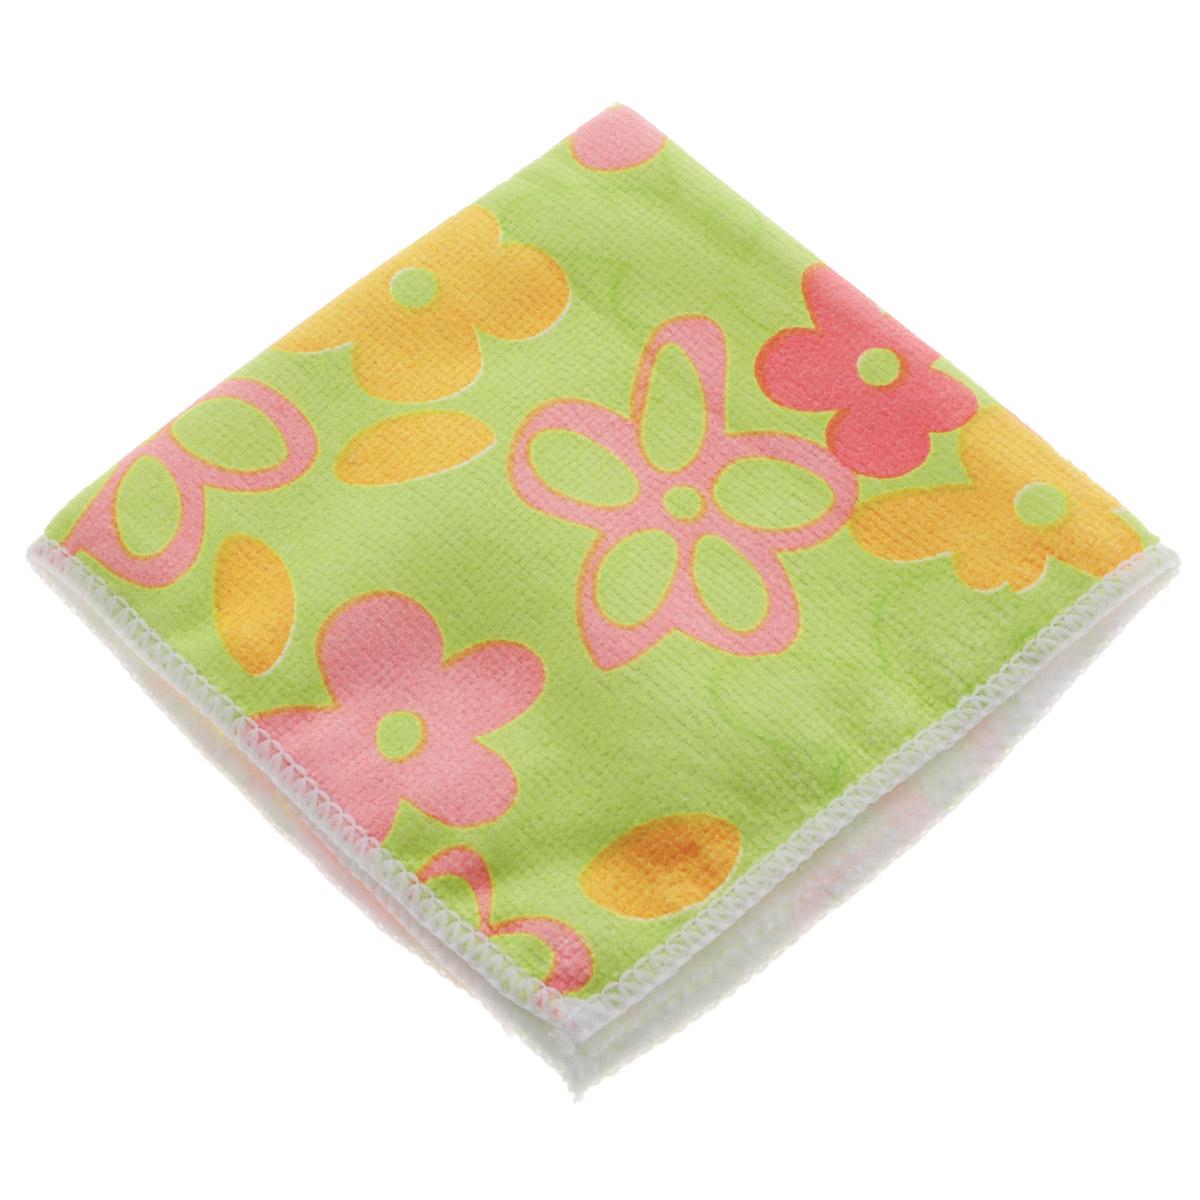 Салфетка для уборки Youll Love Цветы, цвет: салатовый, 30 х 30 см58042Салфетка Youll Love Цветы, изготовленная из 20% полиамида и 80% полиэфира, предназначена для очищения загрязнений на любых поверхностях. Изделие обладает высокой износоустойчивостью и рассчитано на многократное использование, легко моется в теплой воде с мягкими чистящими средствами. Супервпитывающая салфетка не оставляет разводов и ворсинок, удаляет большинство жирных и маслянистых загрязнений без использования химических средств.